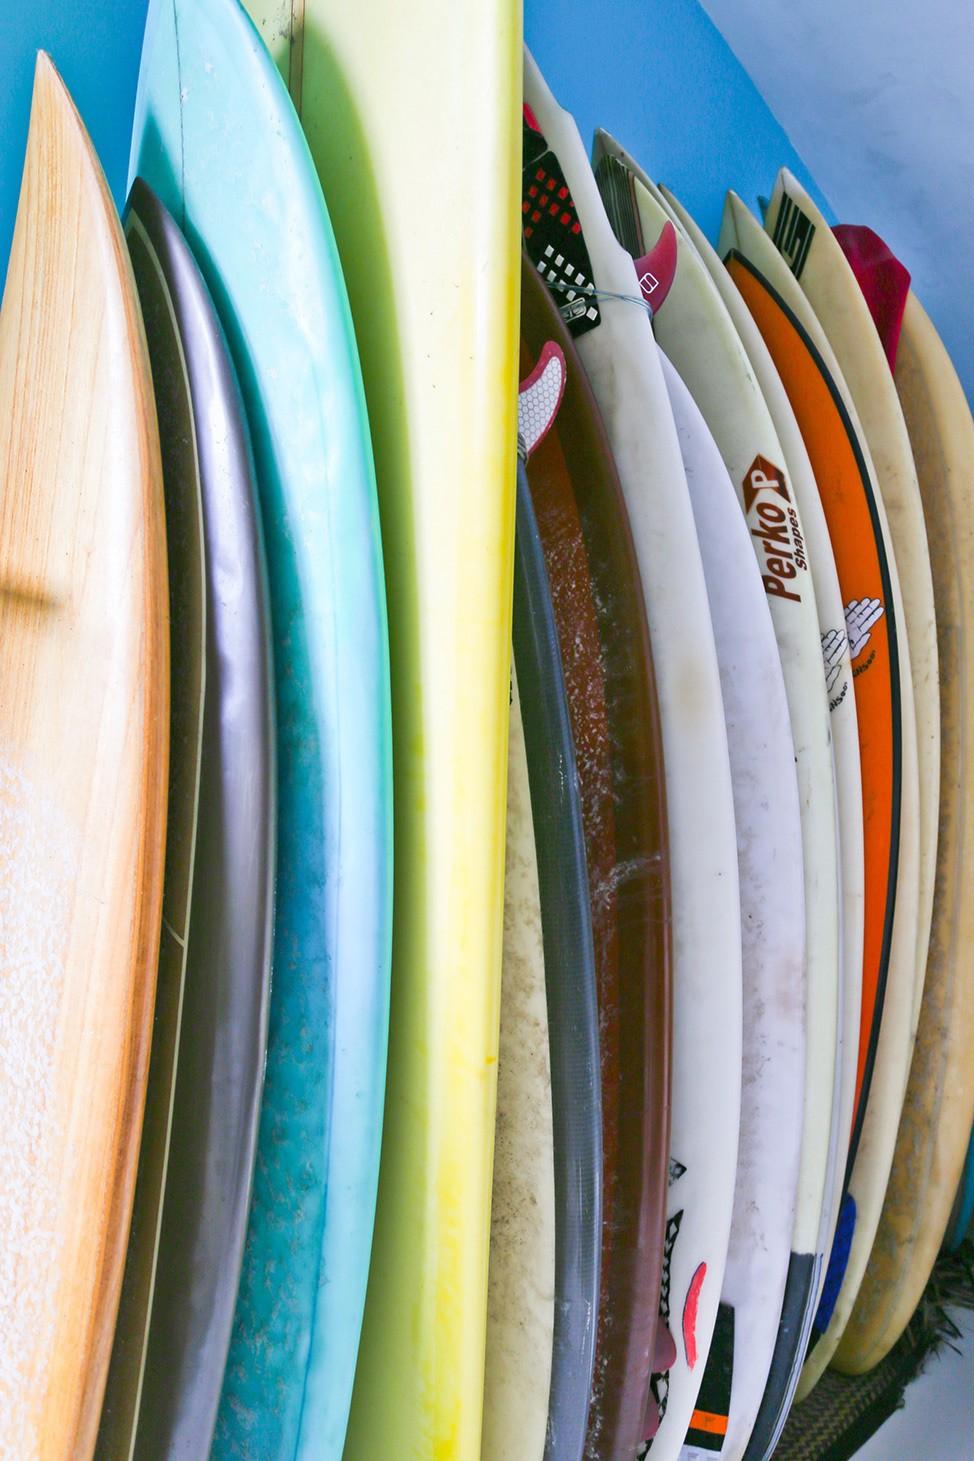 Surfboards in Bali